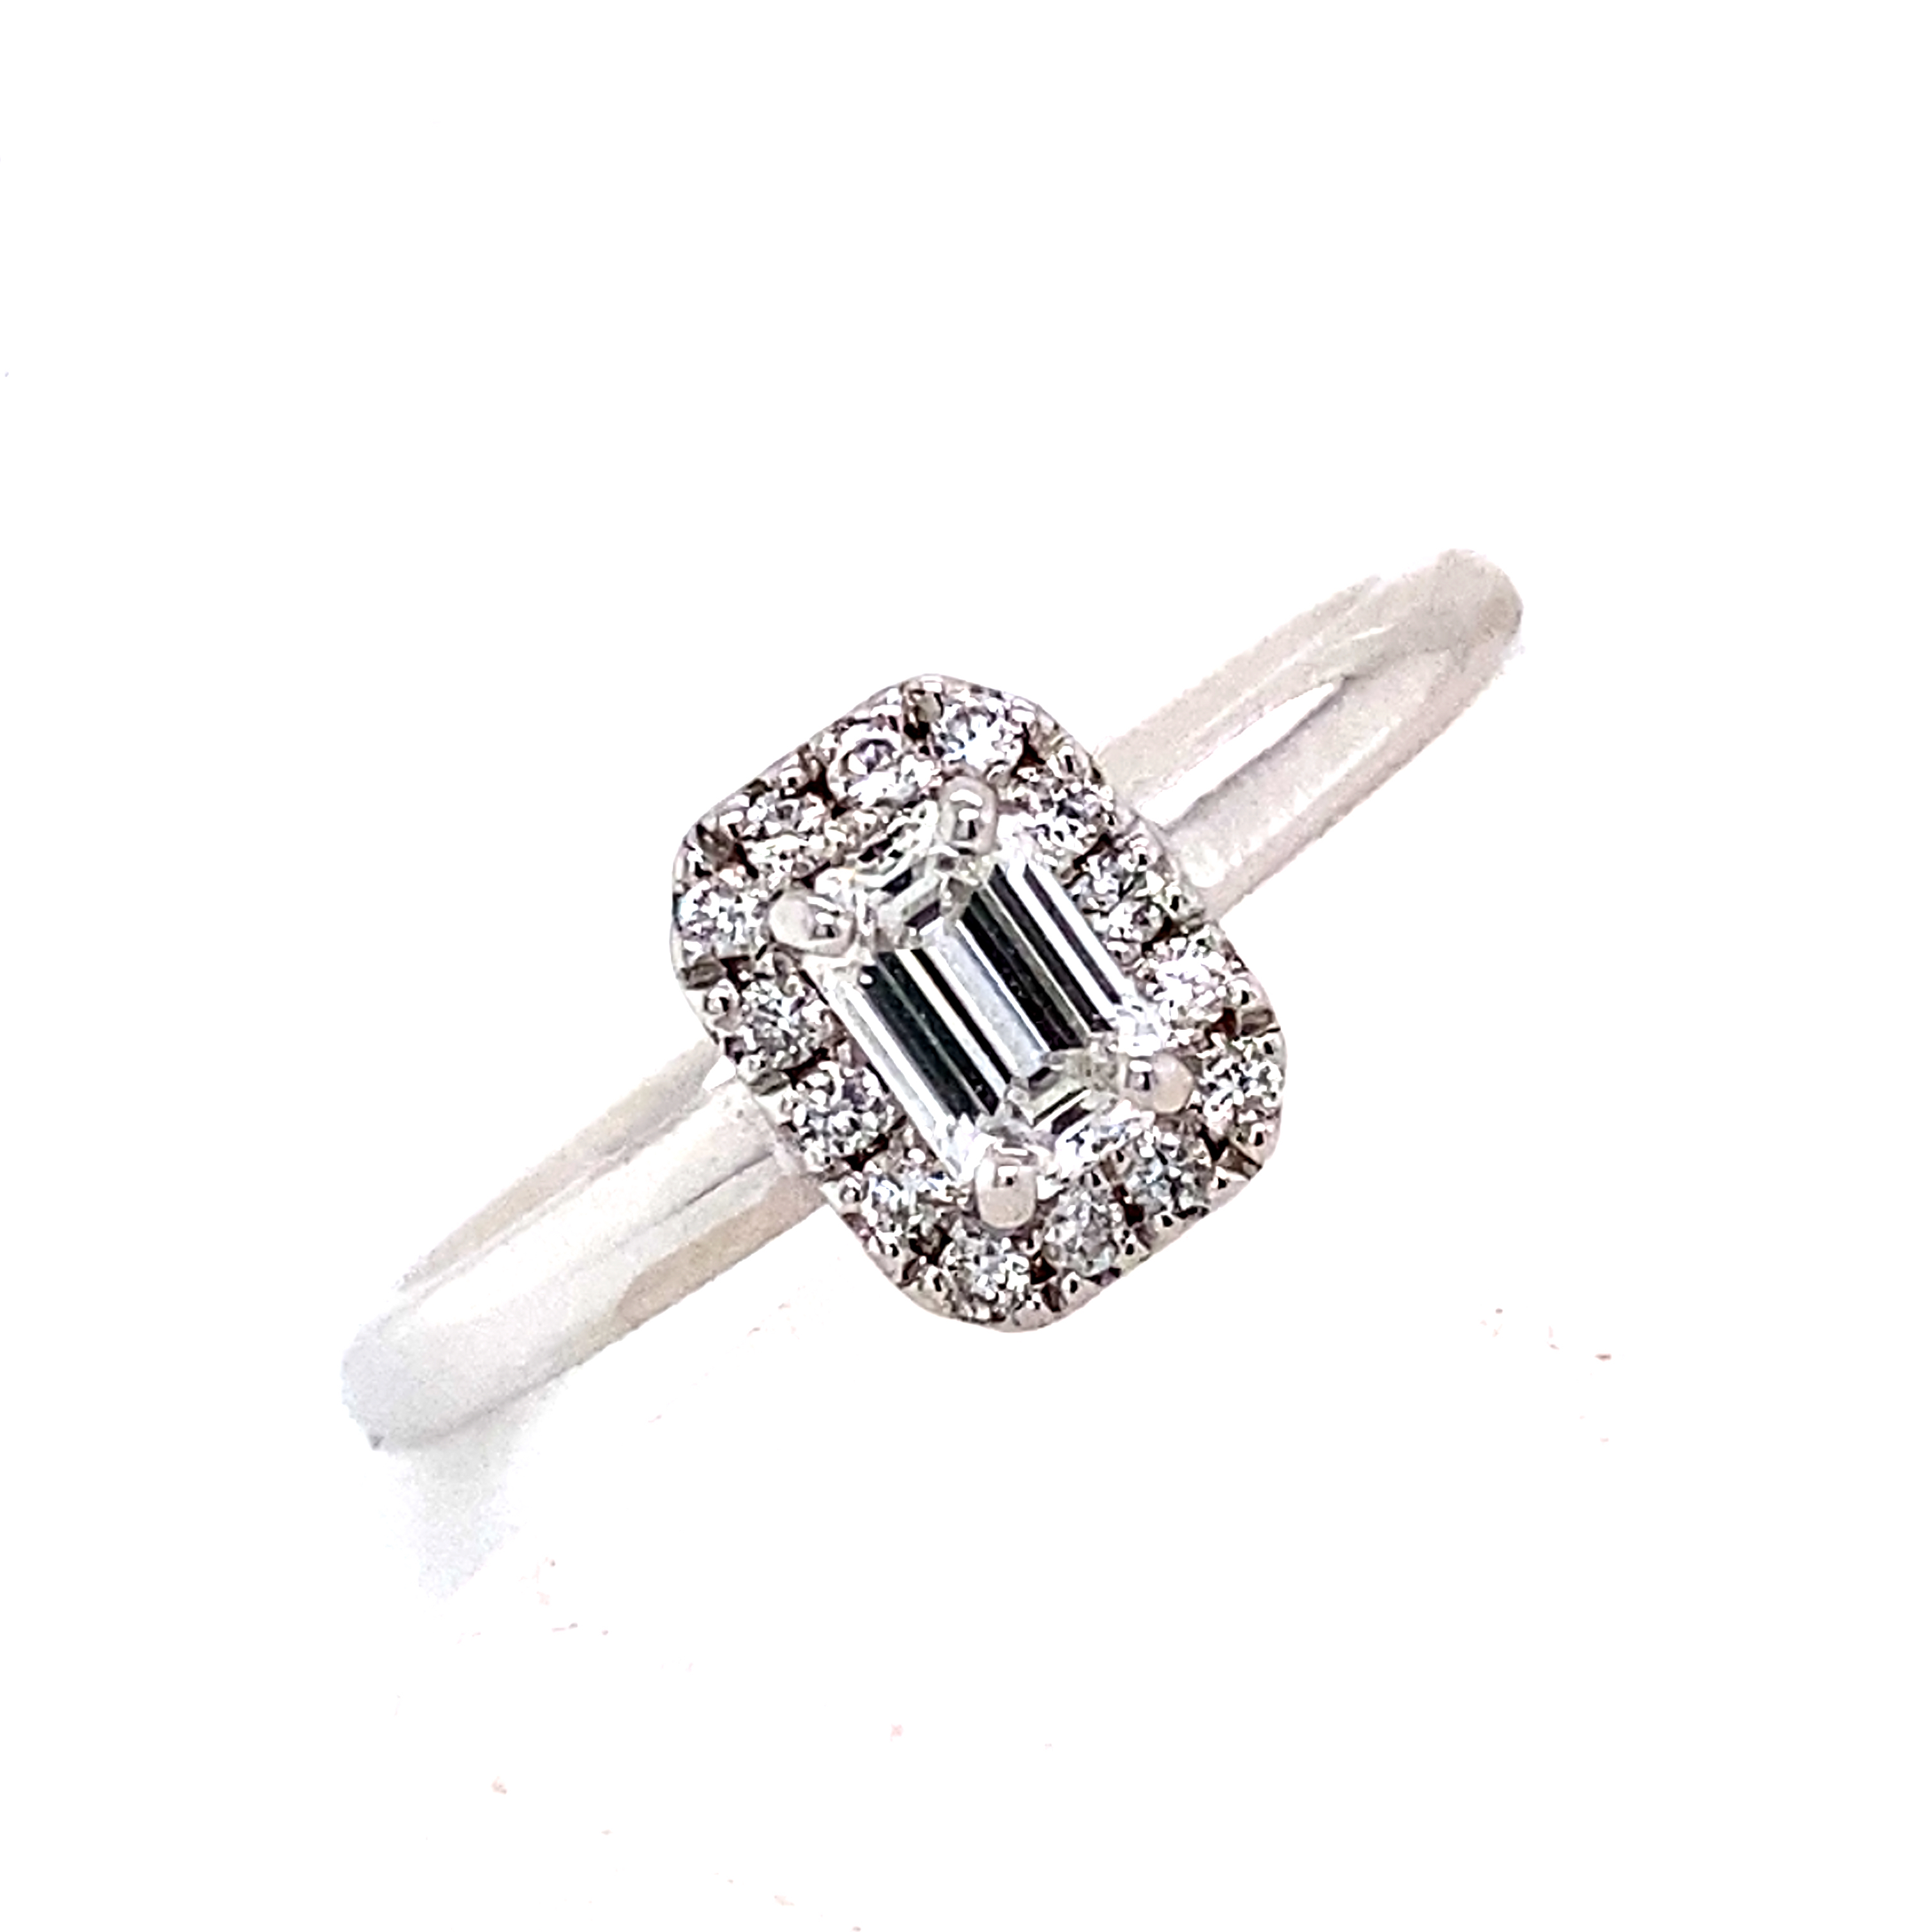 Platinum and Diamond GIA certified Ring - 0.32 Carats D VVS2